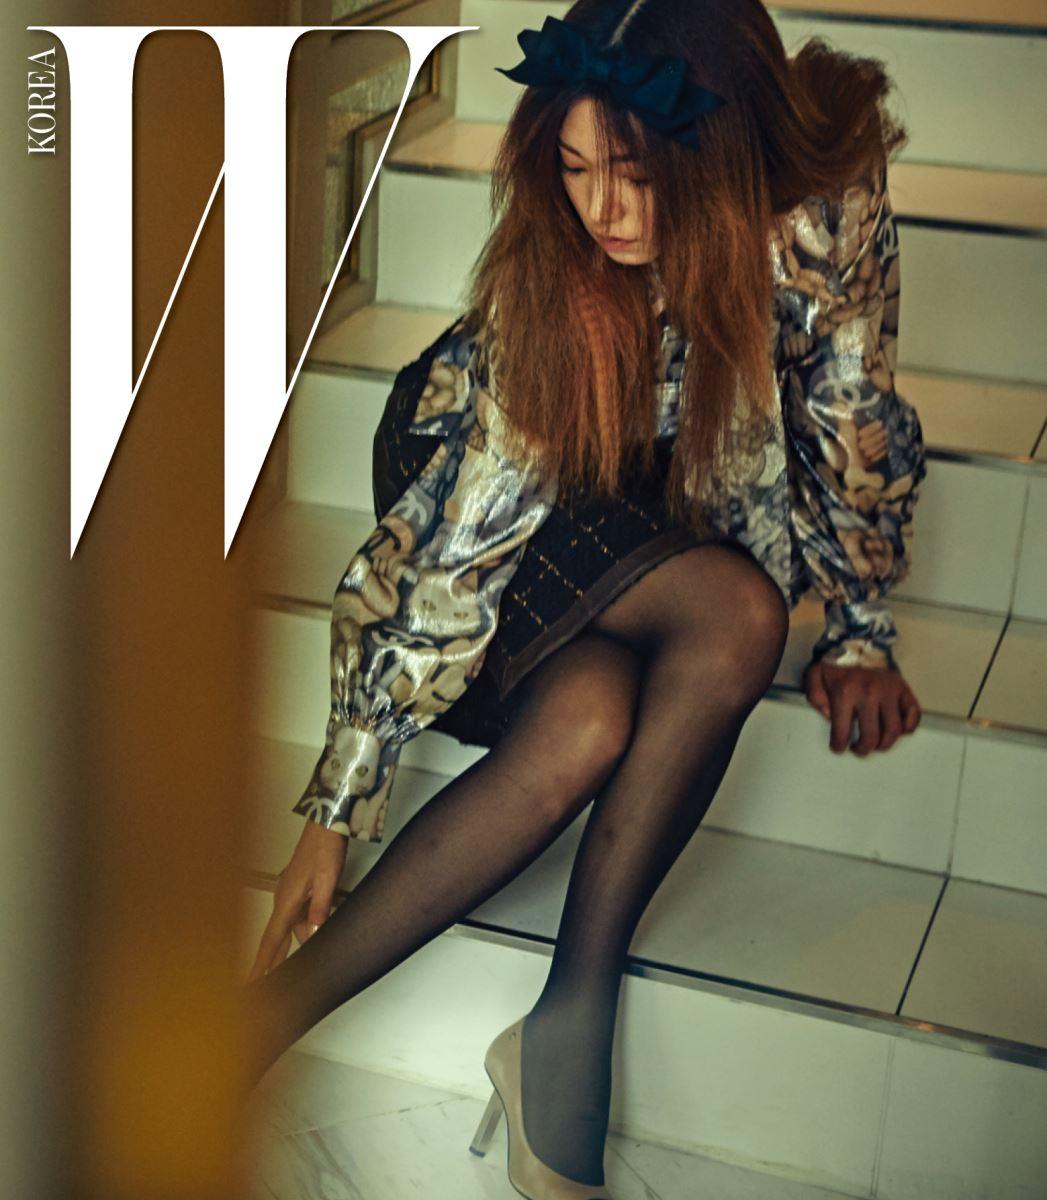 카멜리에와 고양이, V자 손 모양 등 귀여운 이모티콘이 담긴 메탈릭한 타이 장식 슬리브리스 셔츠, 셔츠와 겹쳐 입은 셔츠 블라우스, 측면을 지퍼로 조절할 수 있는 트위드 스커트, 투톤 슈즈, 리본 헤어핀은 모두 Chanel 제품.